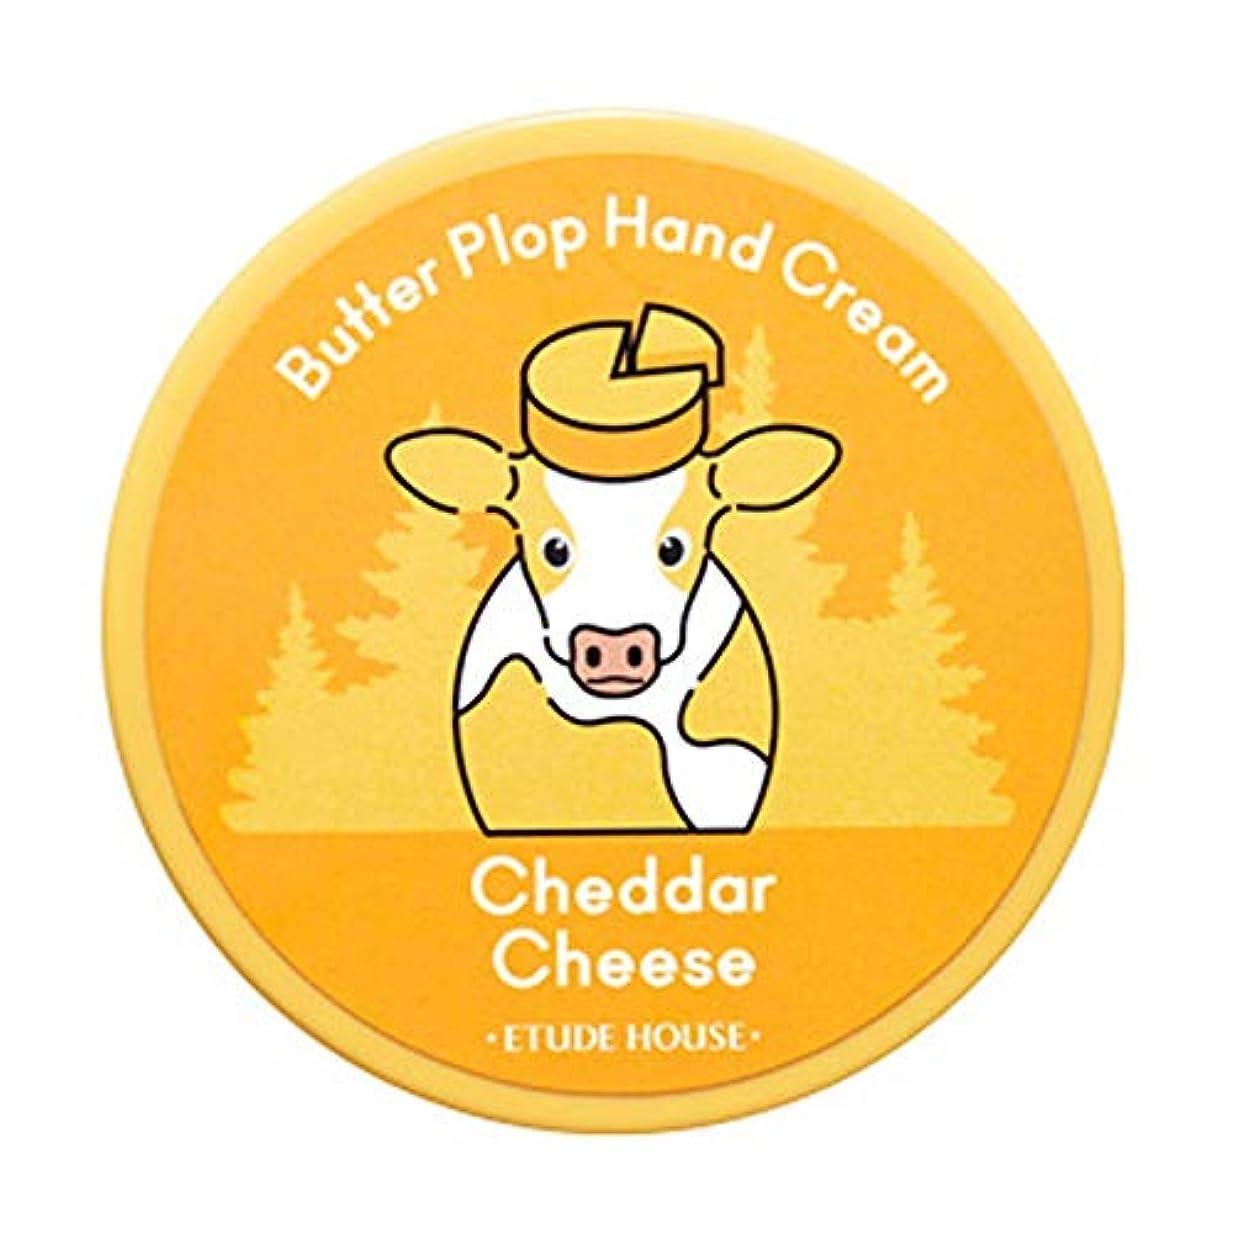 周り吸う襟Etude House Butter Plop Hand Cream 25ml エチュードハウス バターぽちゃんハンドクリーム (#04 Cheddar Cheese) [並行輸入品]